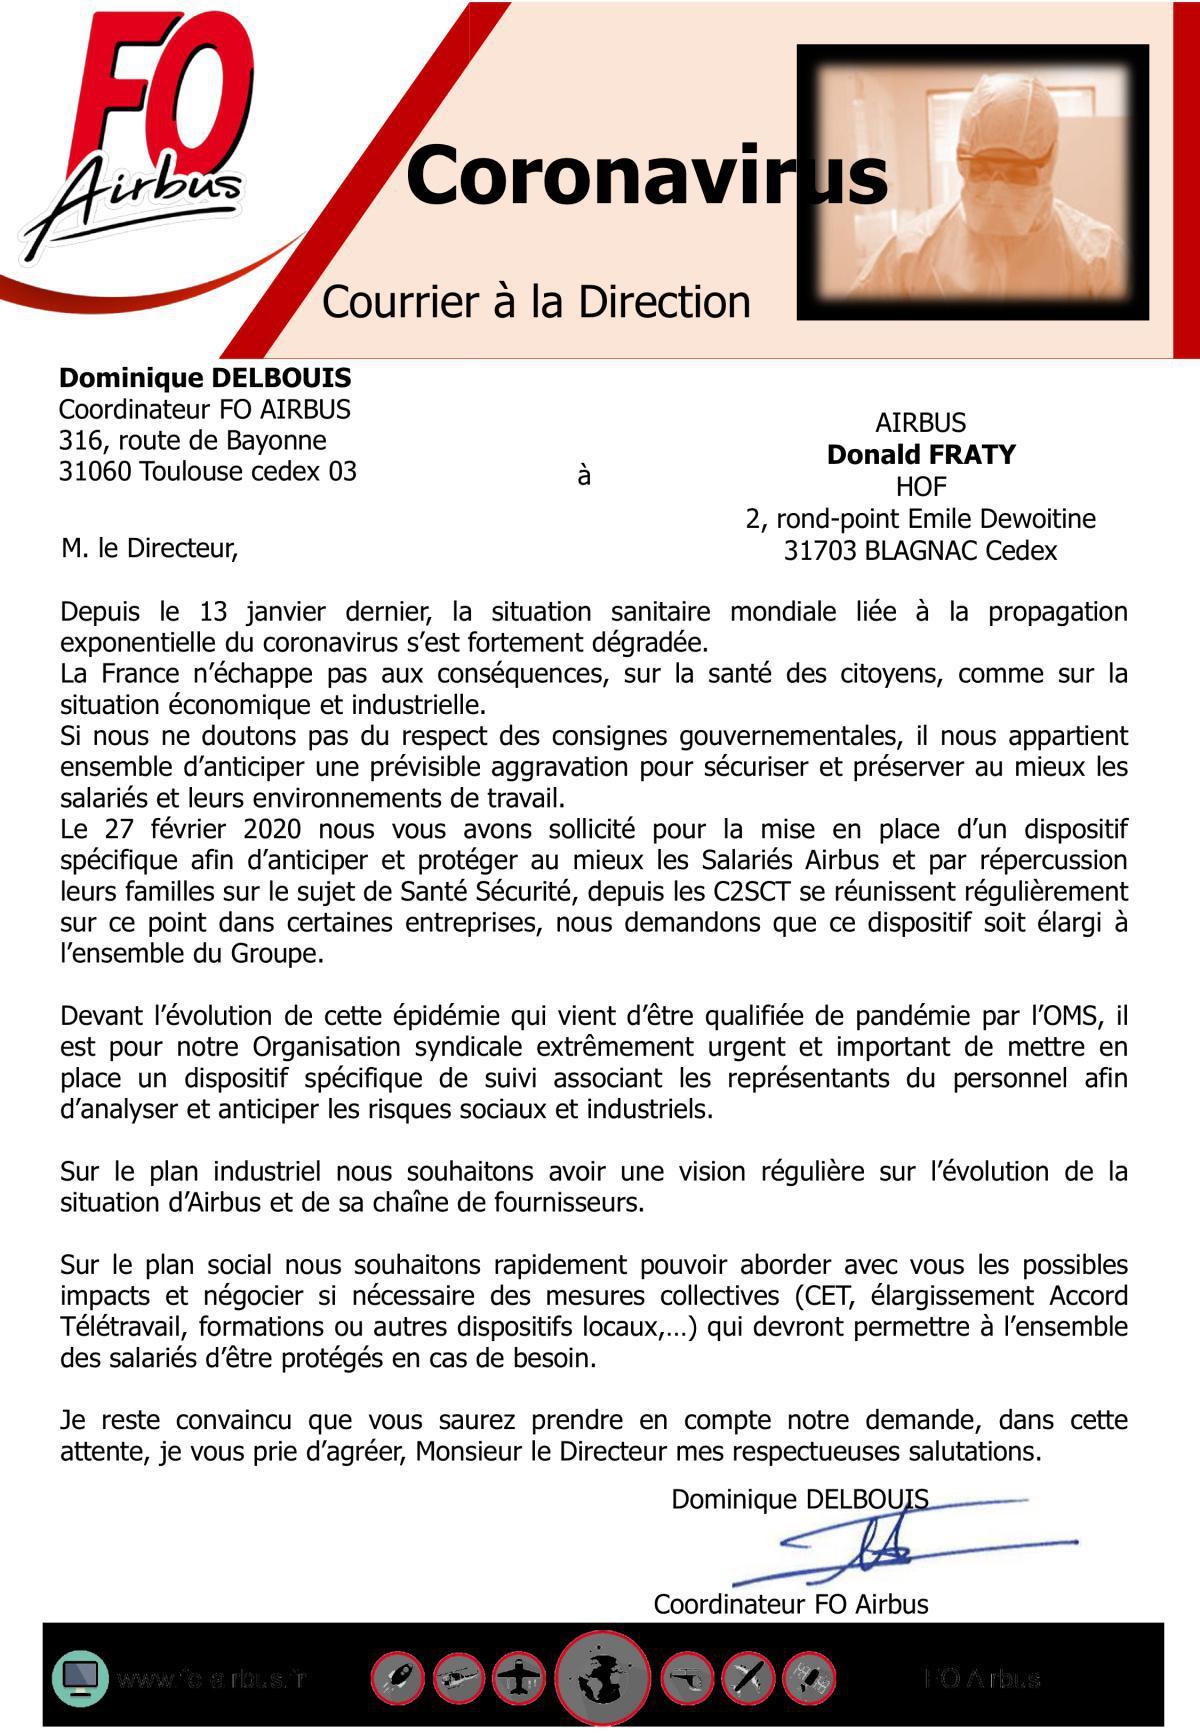 COVID-19 - Courrier à la Direction